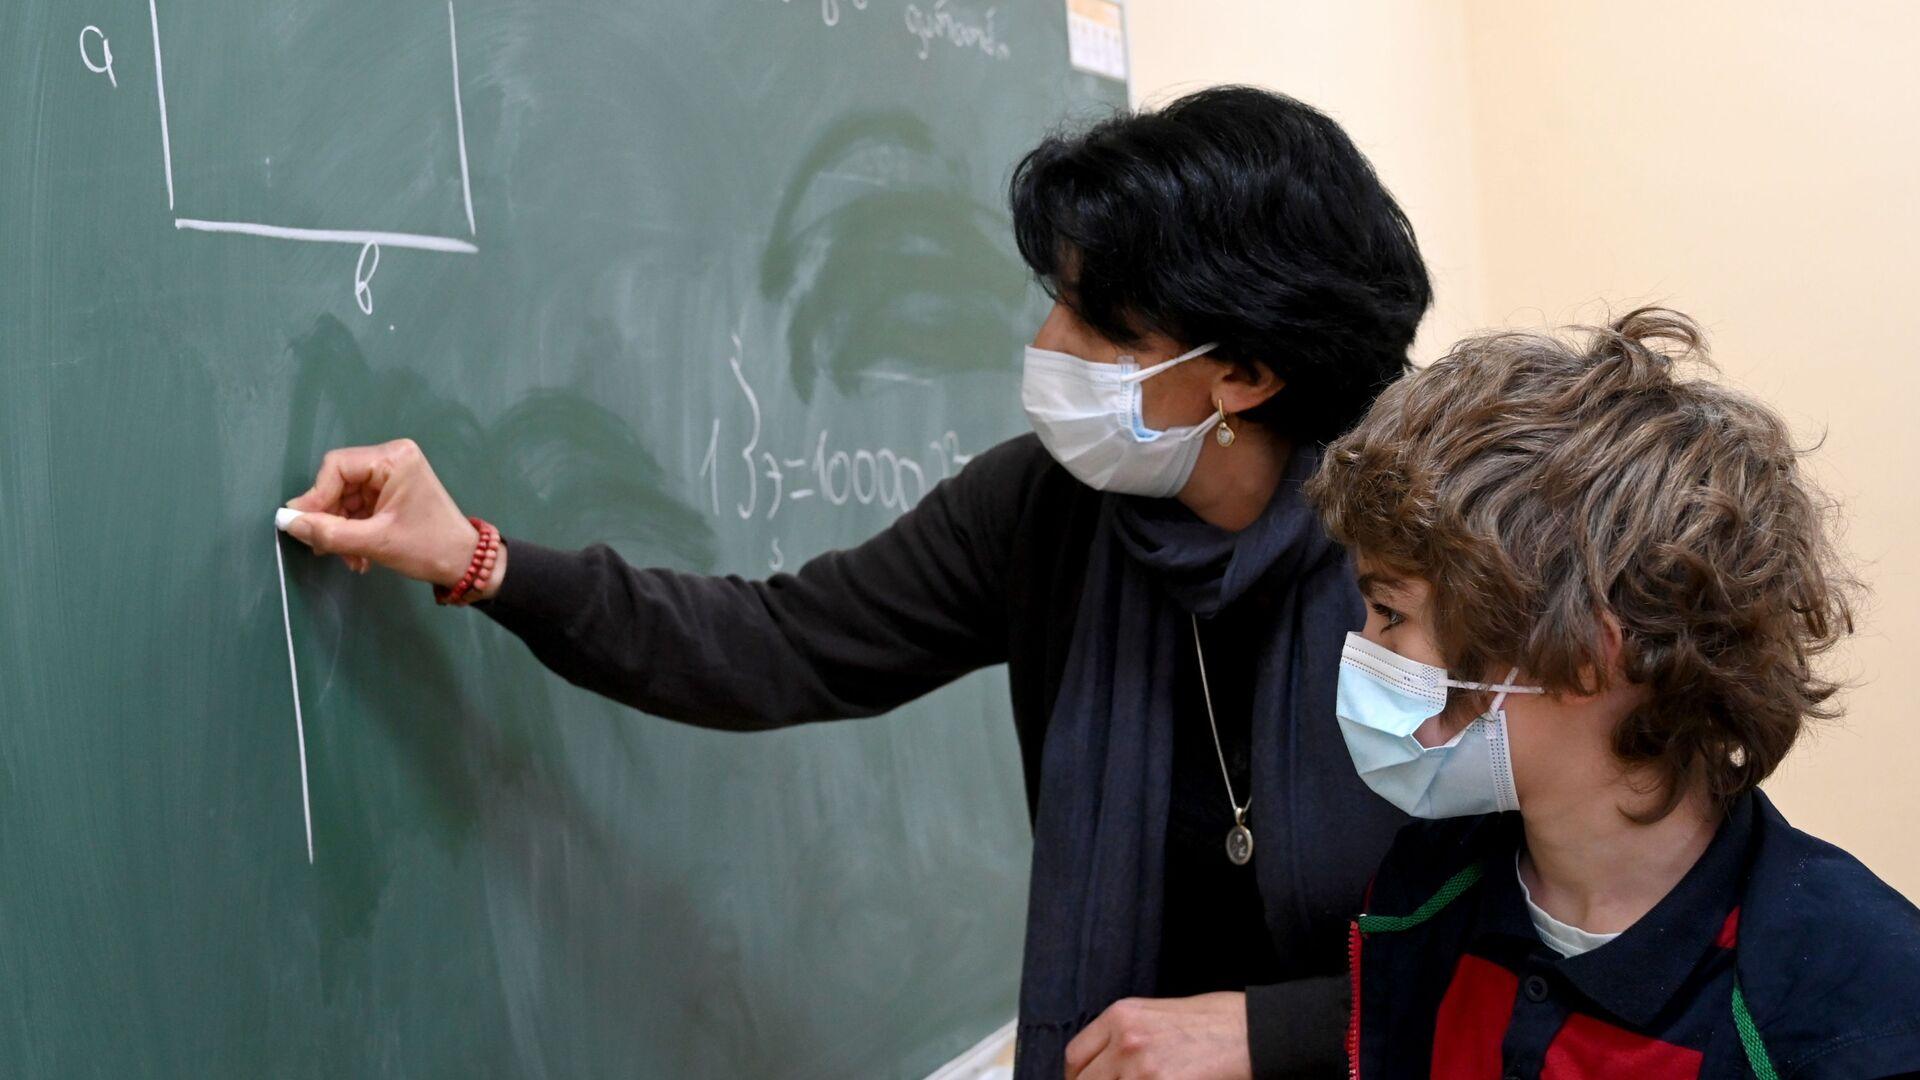 Учеба в школе во время эпидемии коронавируса - дети и педагоги в масках - Sputnik Грузия, 1920, 05.10.2021